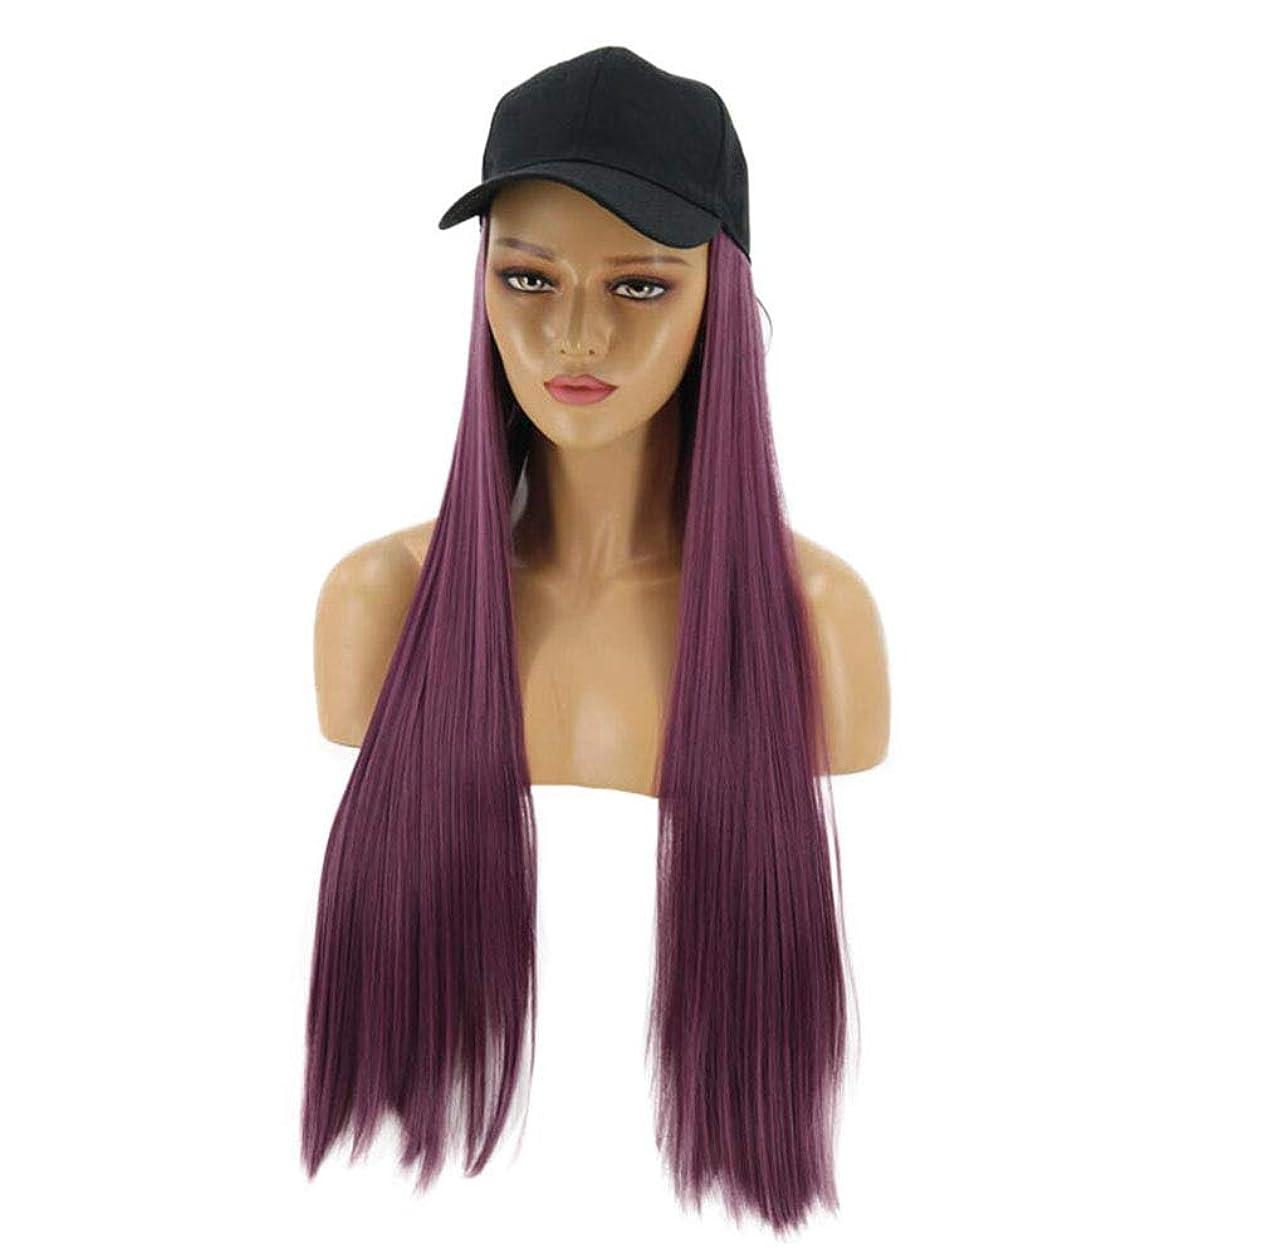 選択するブースト真空女性ロングストレートウィッグキャップロングヘア野球キャップボールキャップカジュアルキャップウィッグ合成かつらヘア耐熱性ナチュラル本物の髪